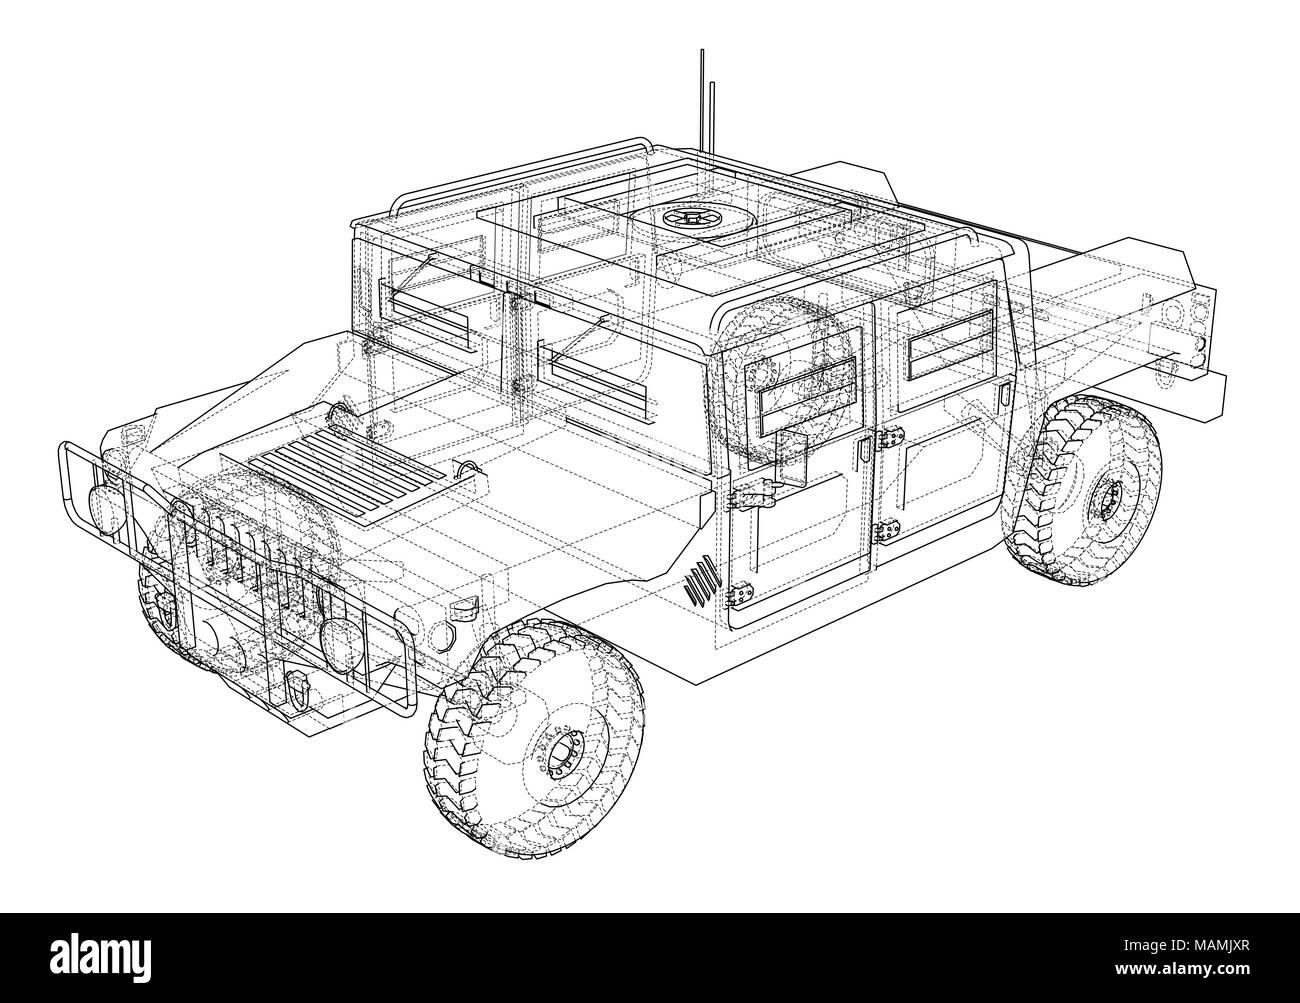 Combat car blueprint Stock Photo: 178704143 - Alamy